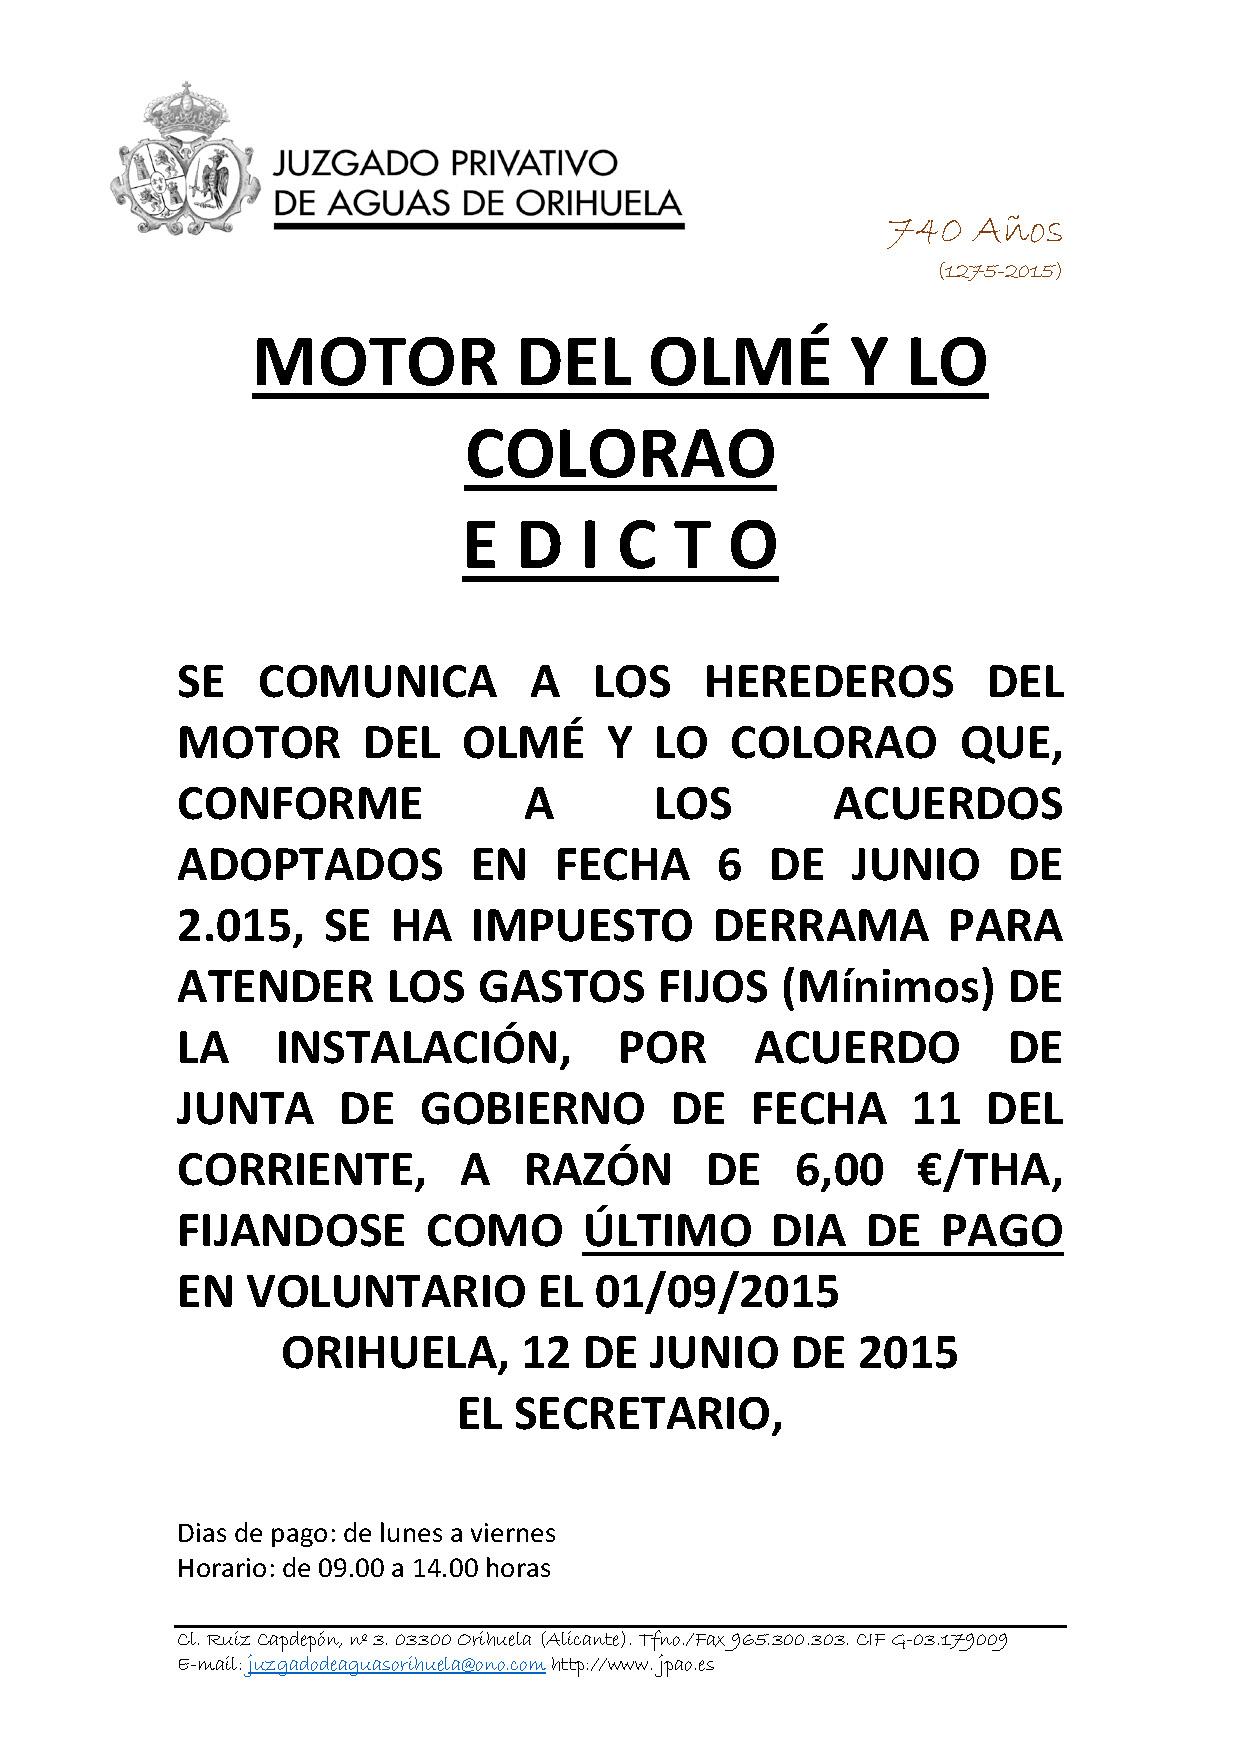 81 2015 MOTOR DEL OLME Y COLORAO  EDICTO IMPOSICION DERRAMA (3)